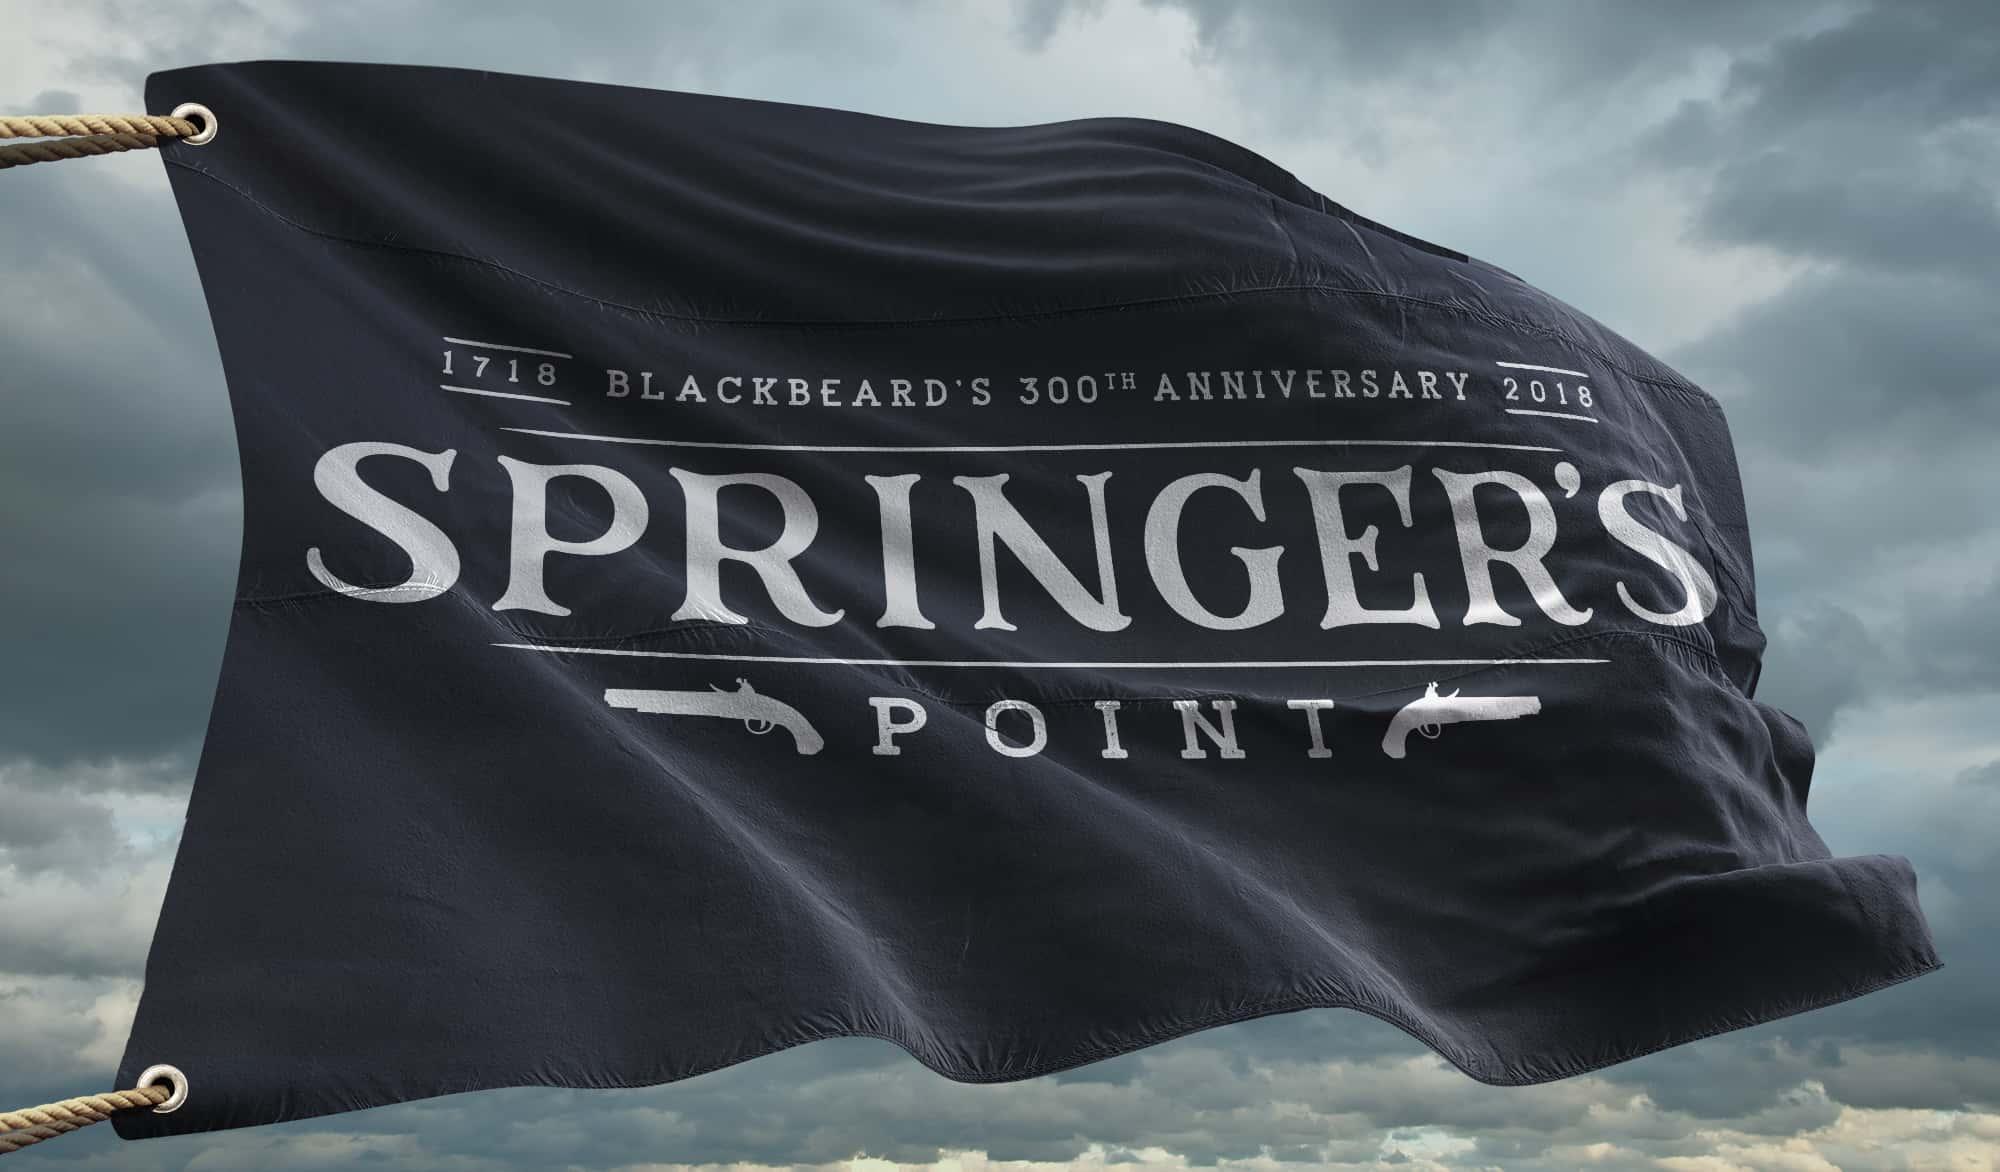 Springer's Point